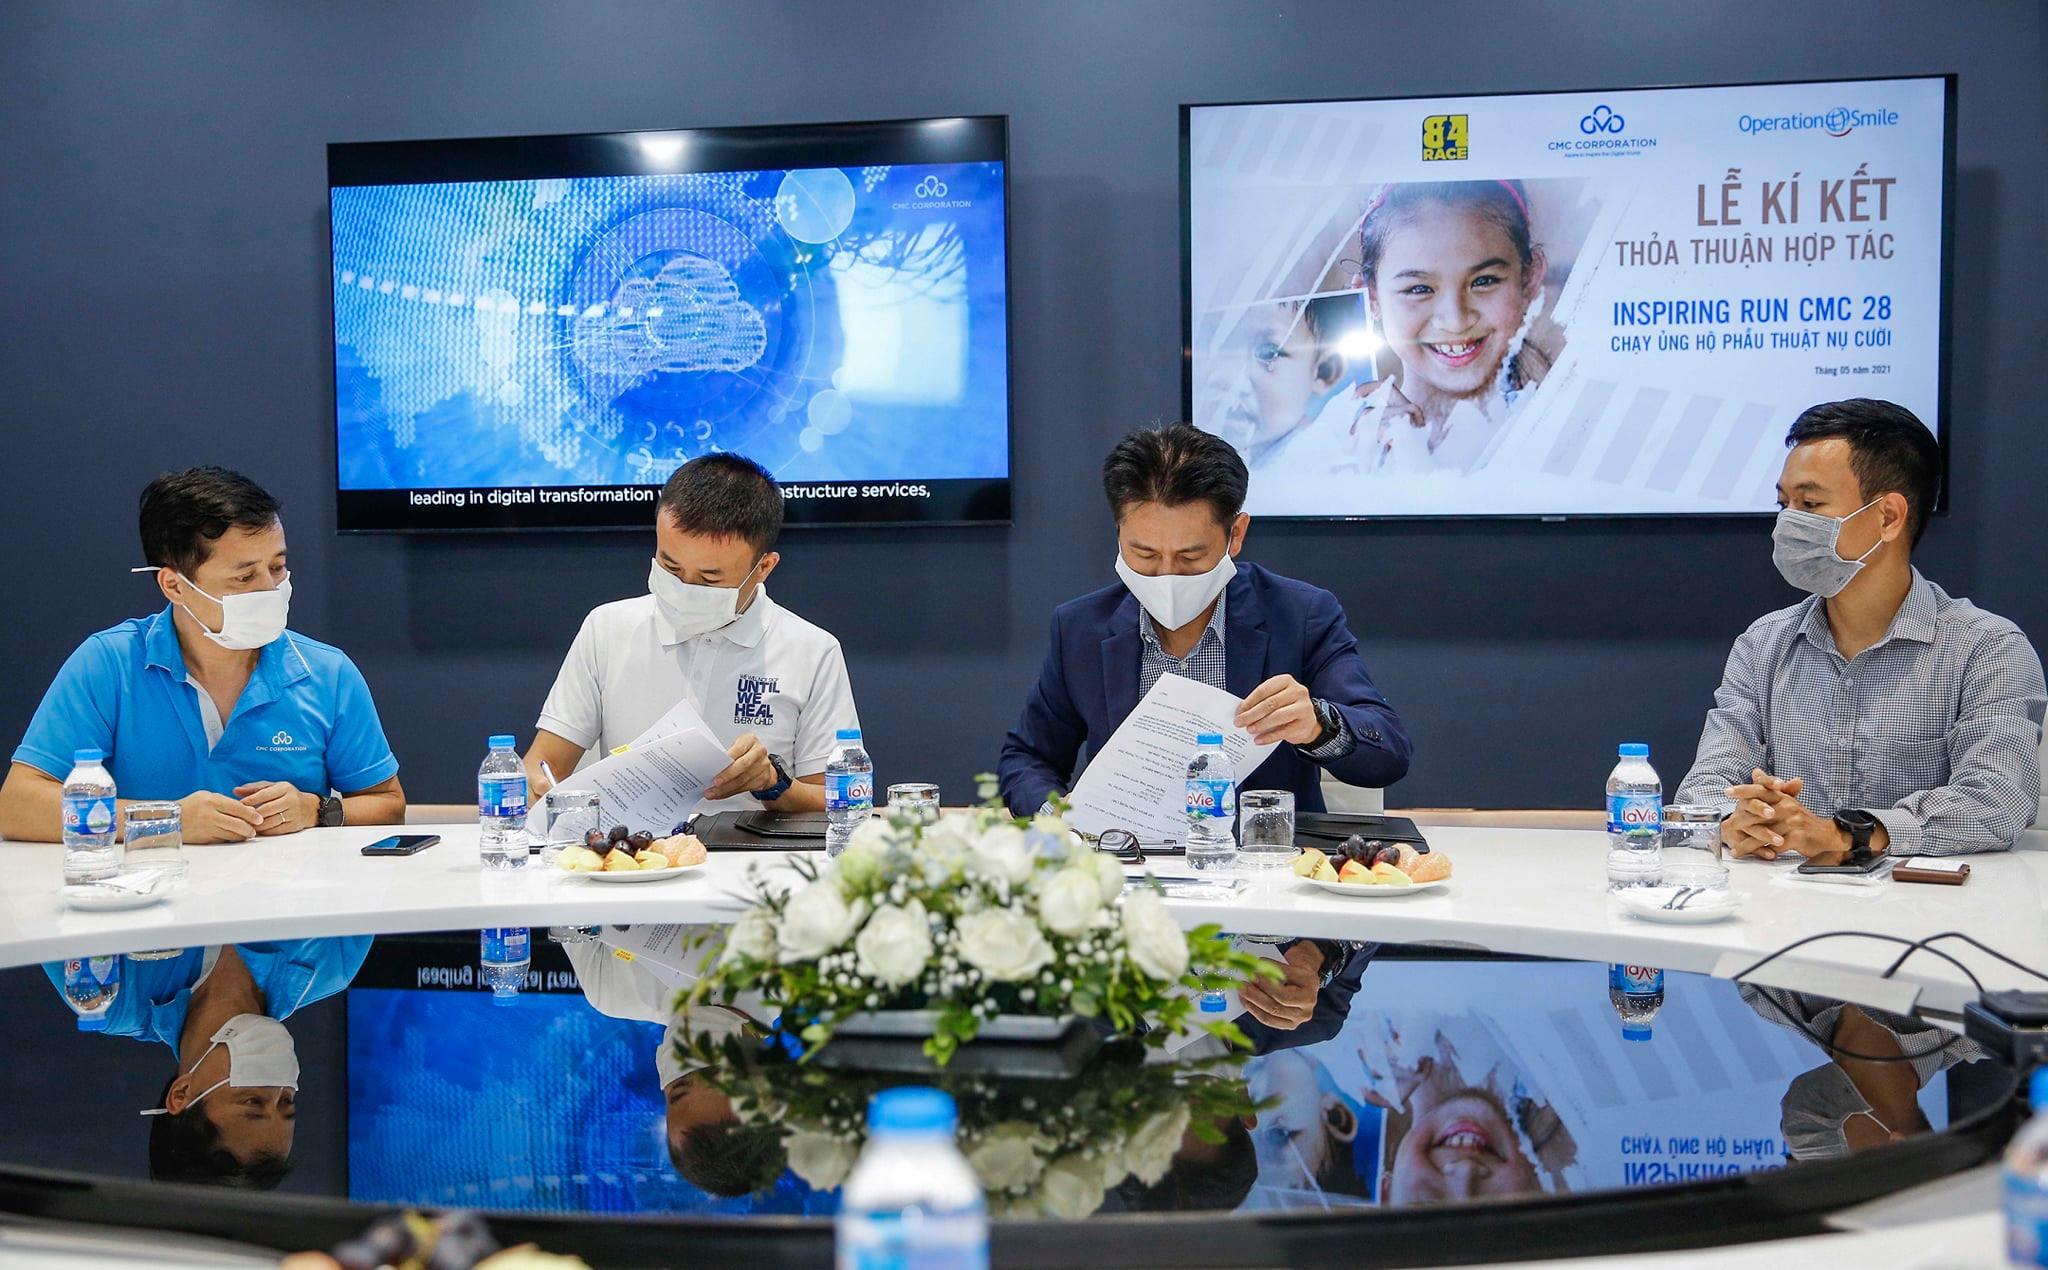 CMC, Operation Smile và 84 Race ký thỏa thuận hợp tác chương trình chạy online ủng hộ Phẫu thuật nụ cười